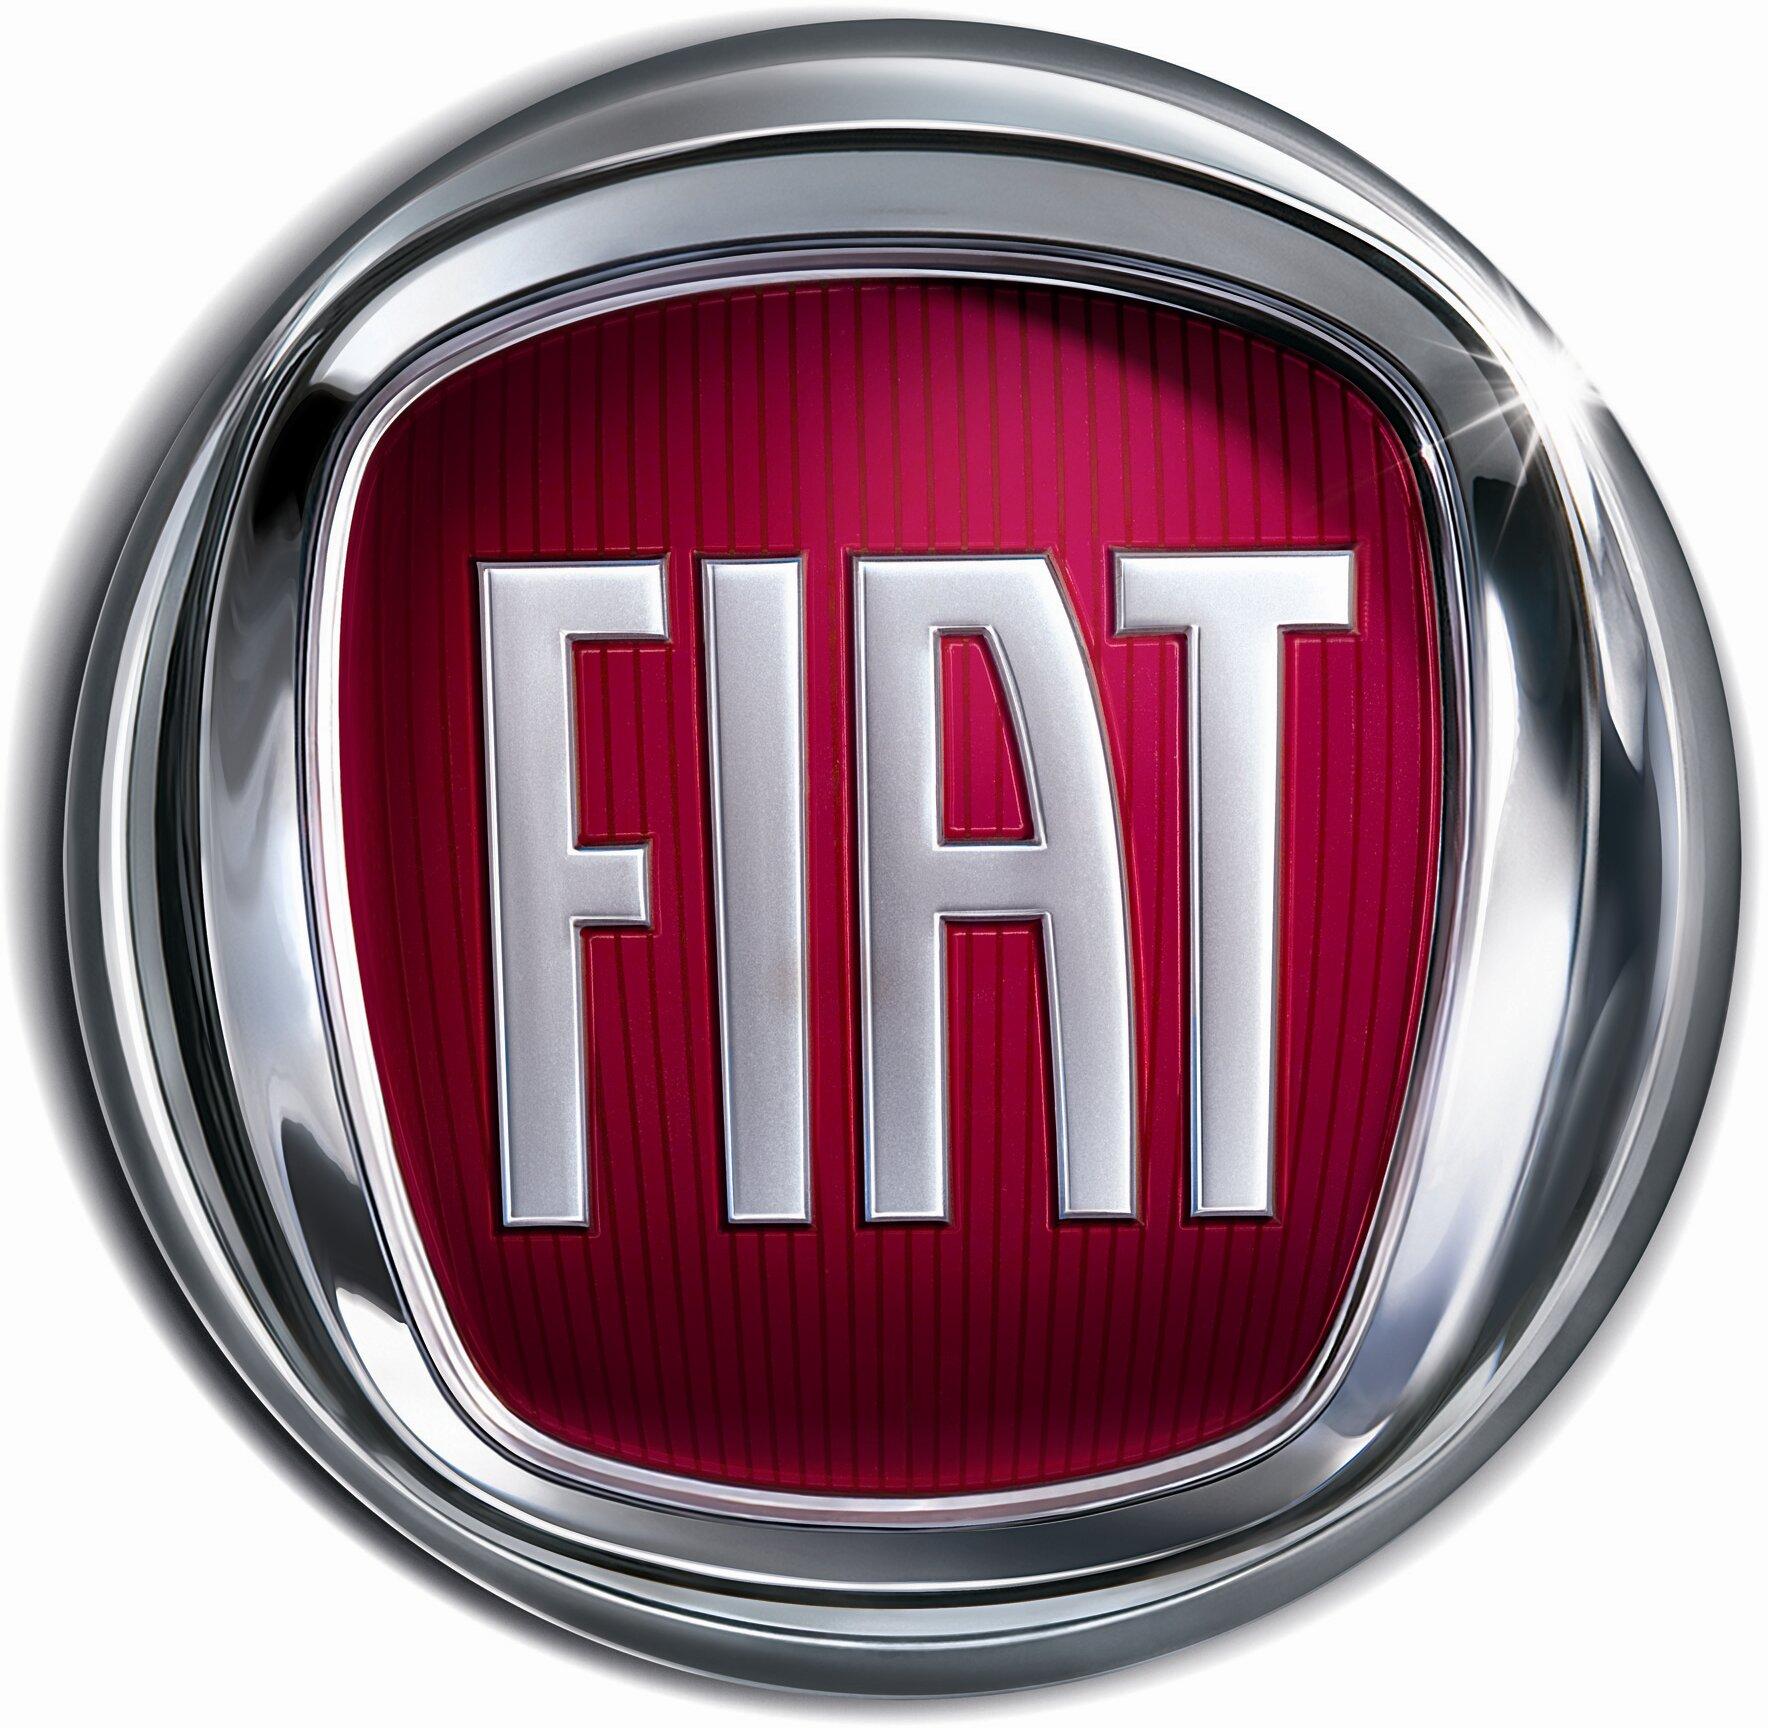 Bảng giá các loại lốp dành cho ô tô Fiat